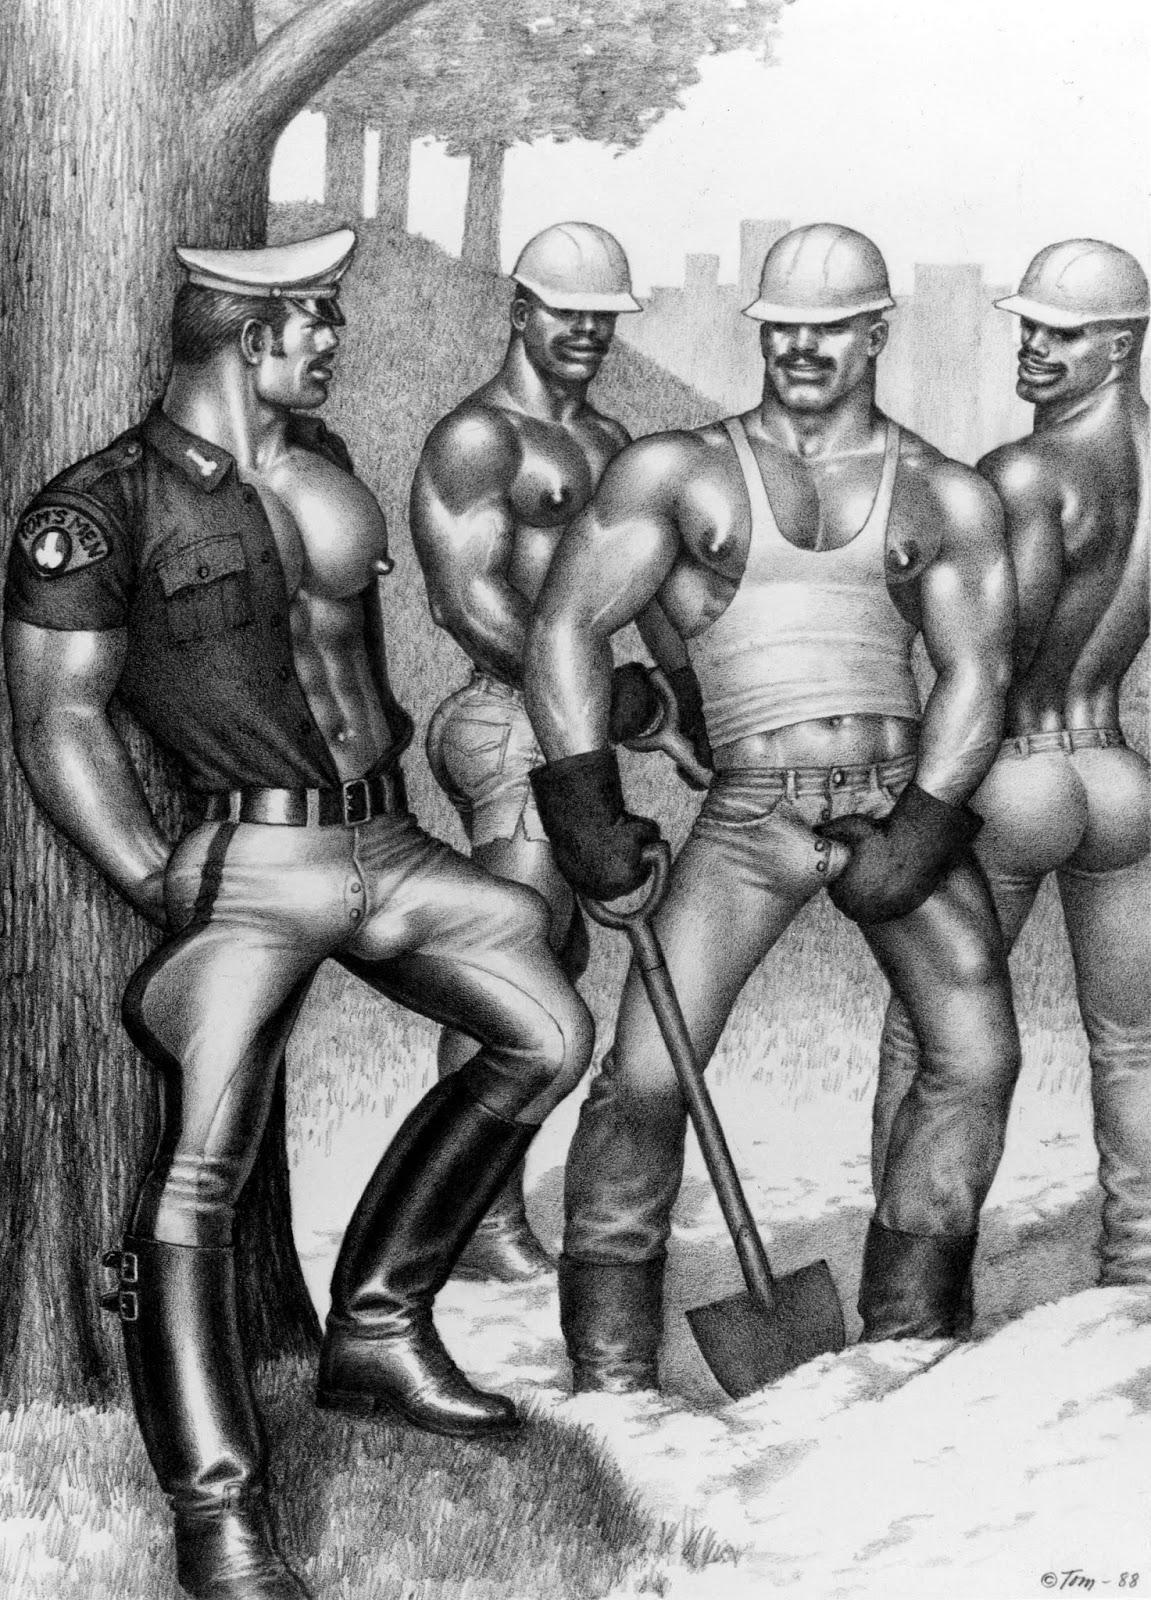 salaista seuraa suomalaiset seksisivut homo